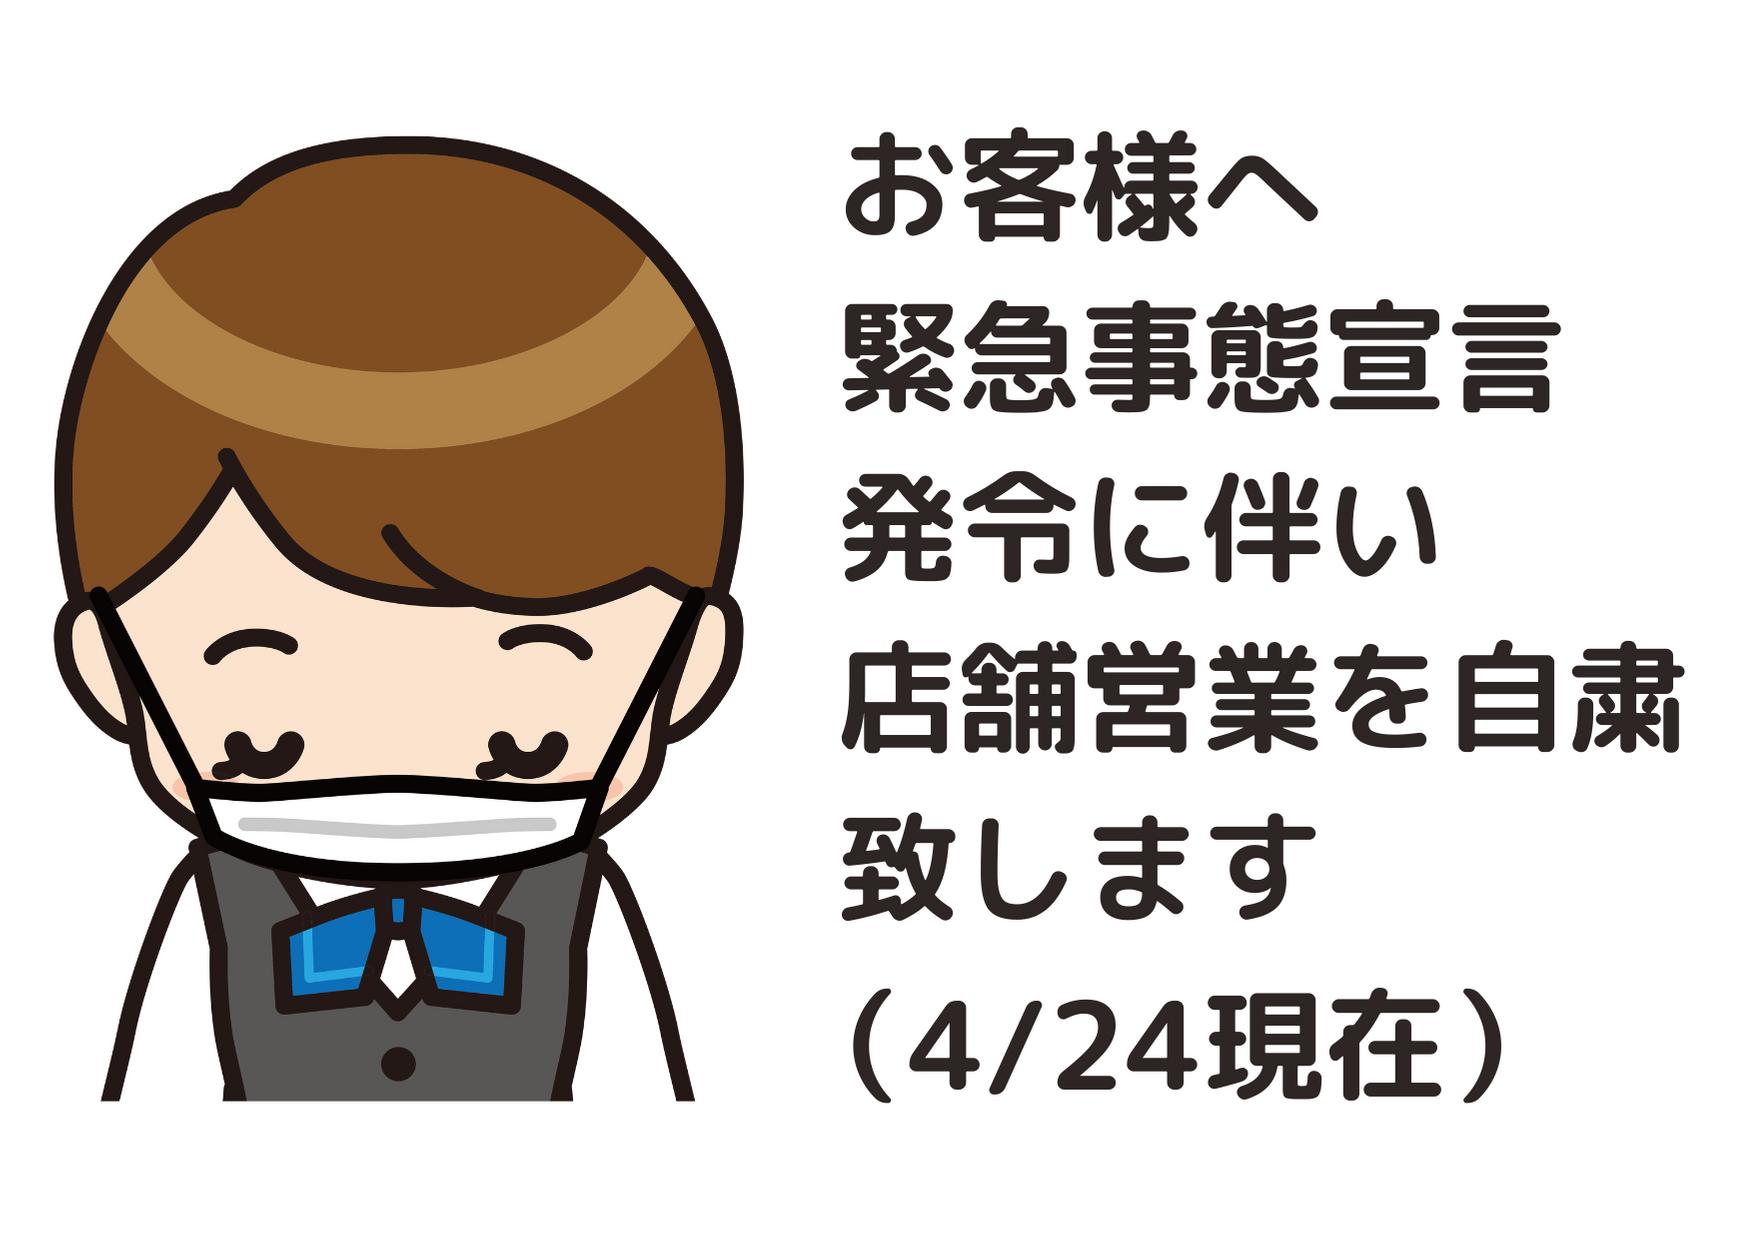 緊急事態宣言発令に伴う臨時休業のお知らせ(4/24現在)